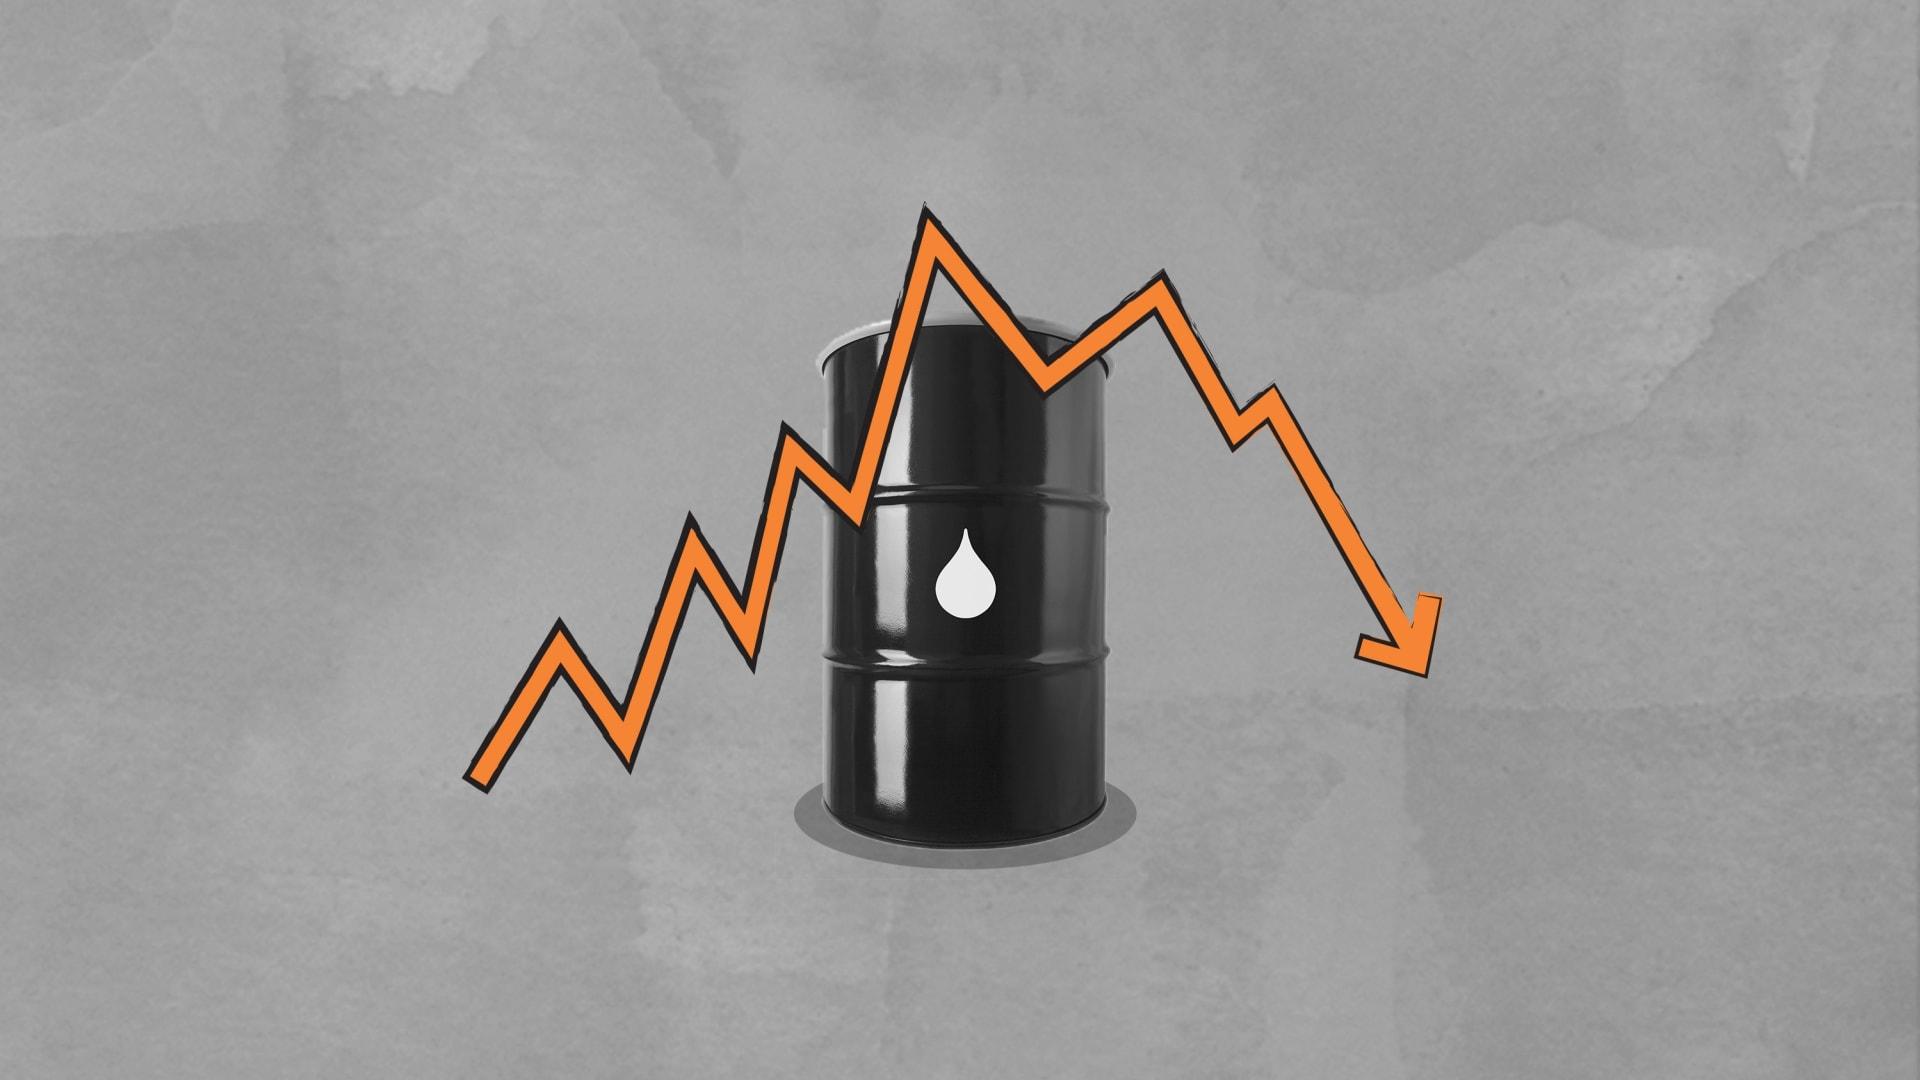 """مع استمرار معدل إنتاج """"أوبك"""" ودخول إيراني السوق العالمية.. كيف ستكون أسعار النفط في 2016؟"""